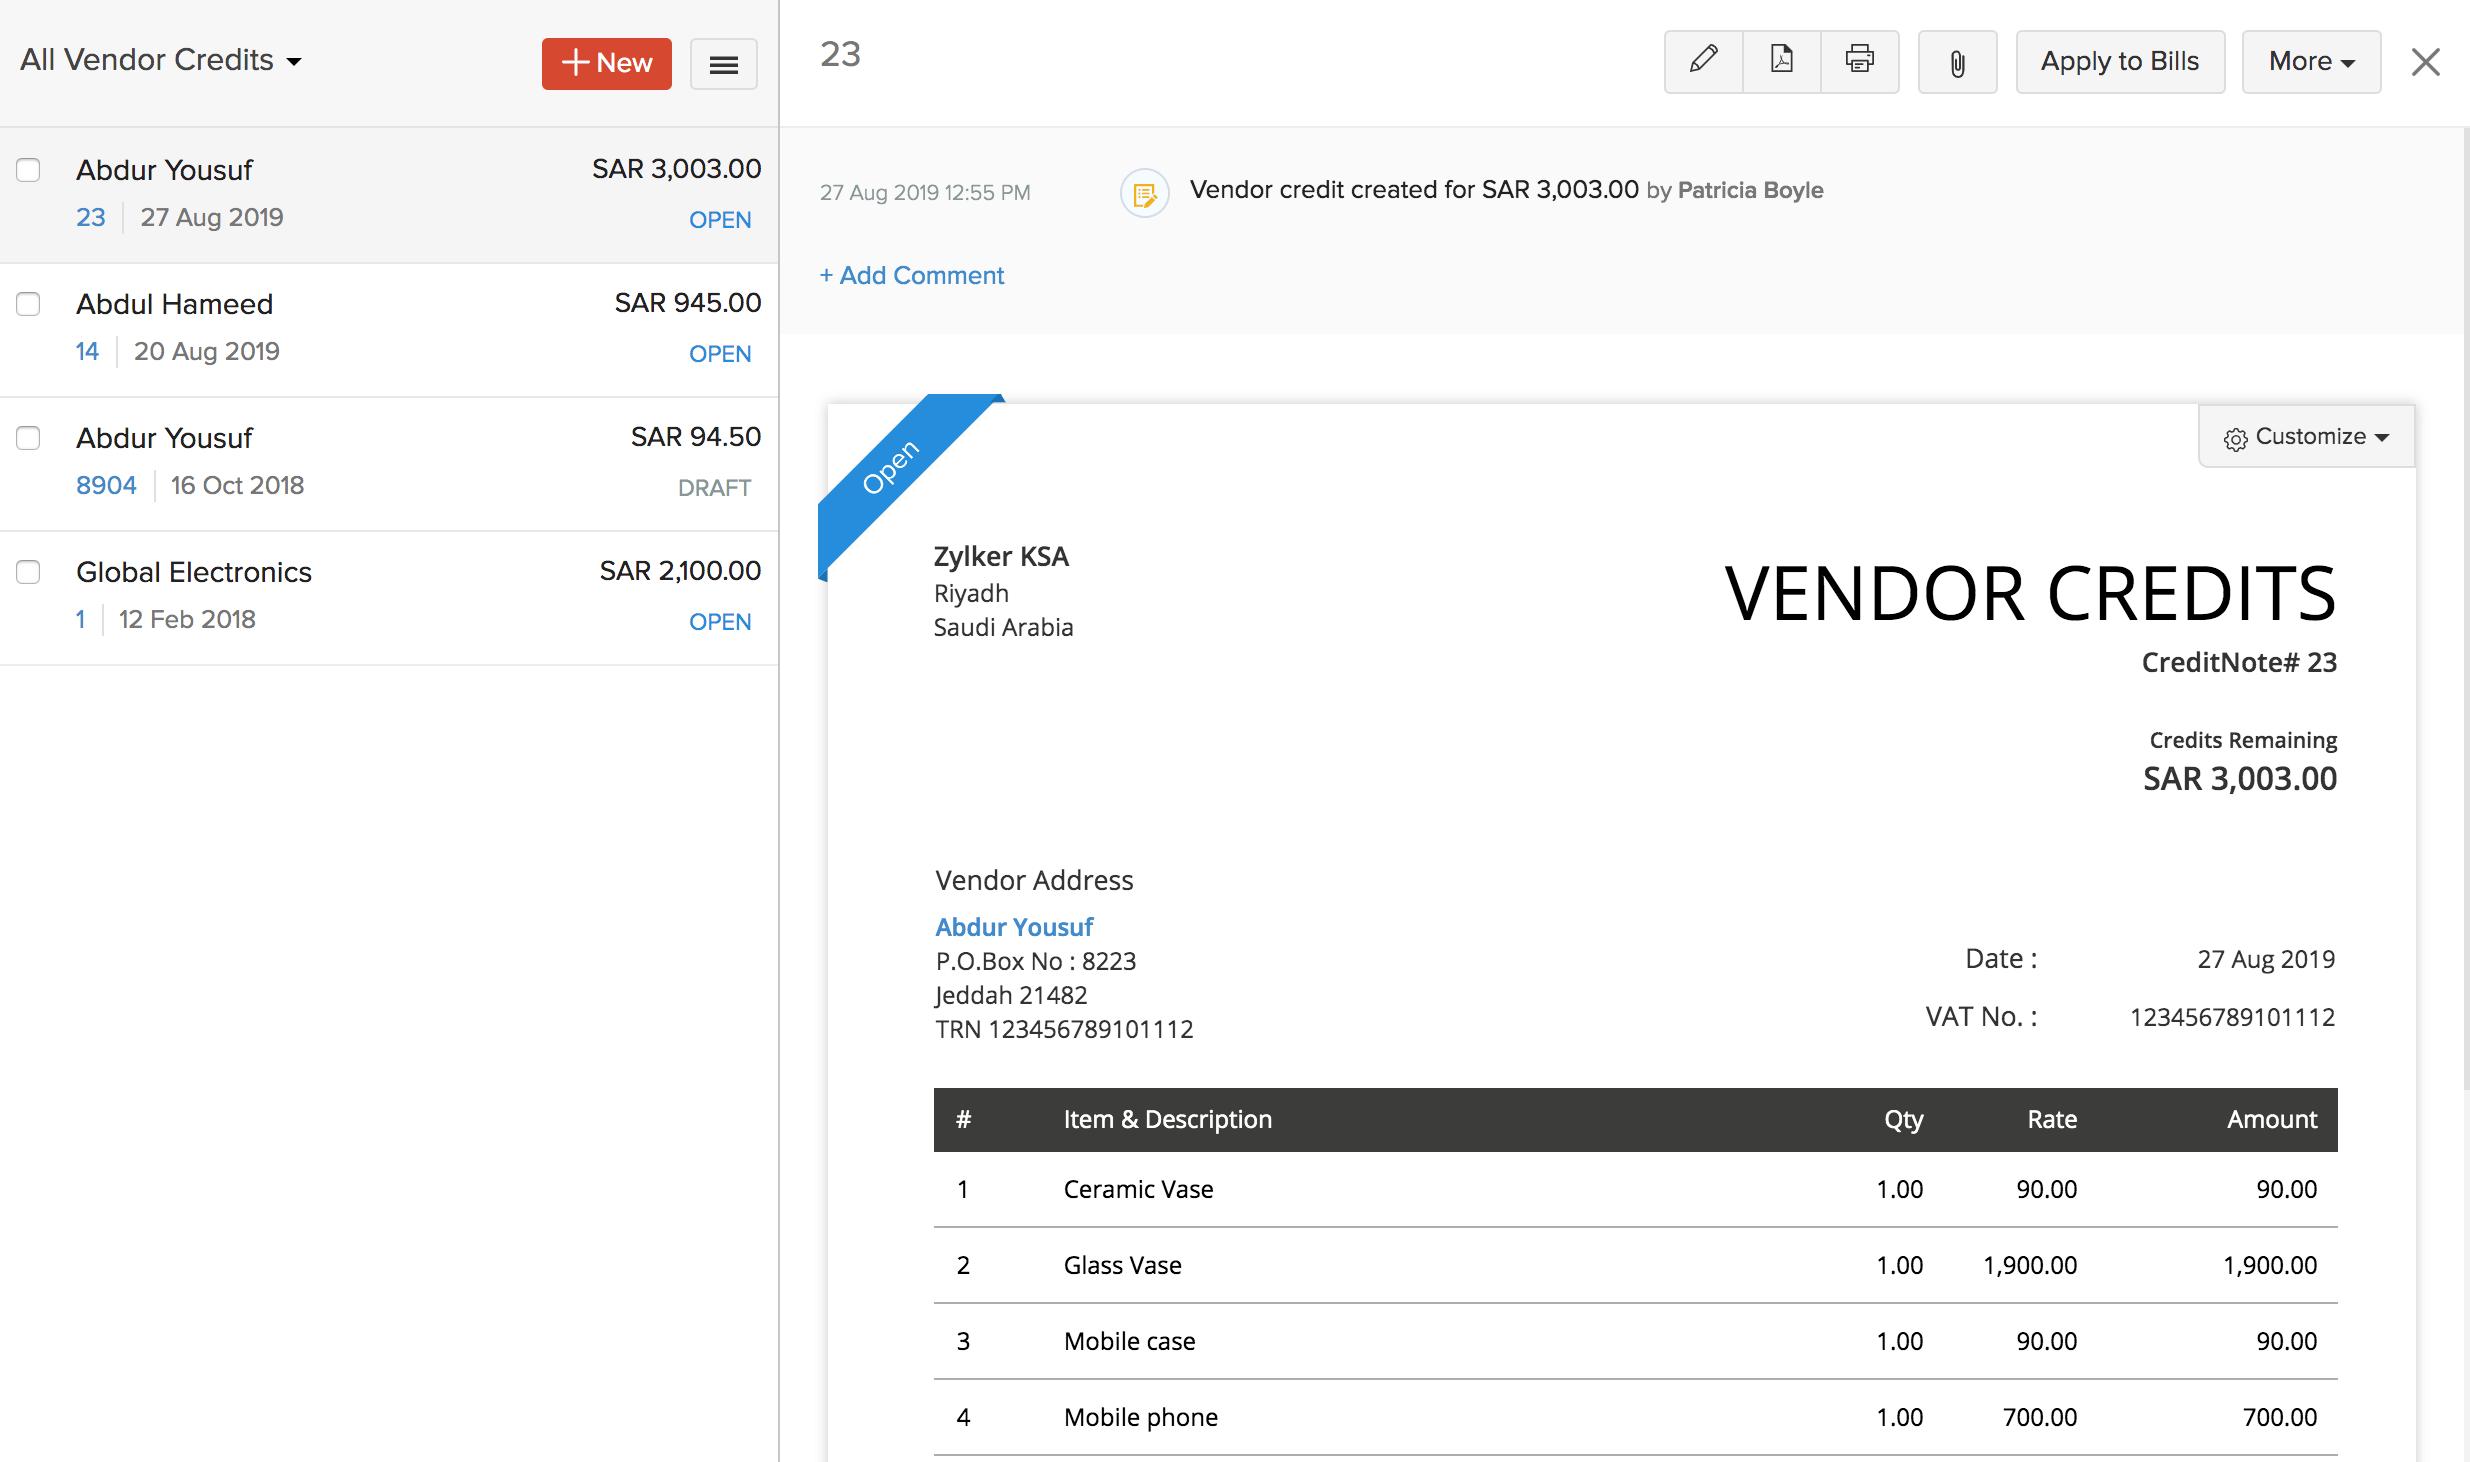 View Vendor Credits